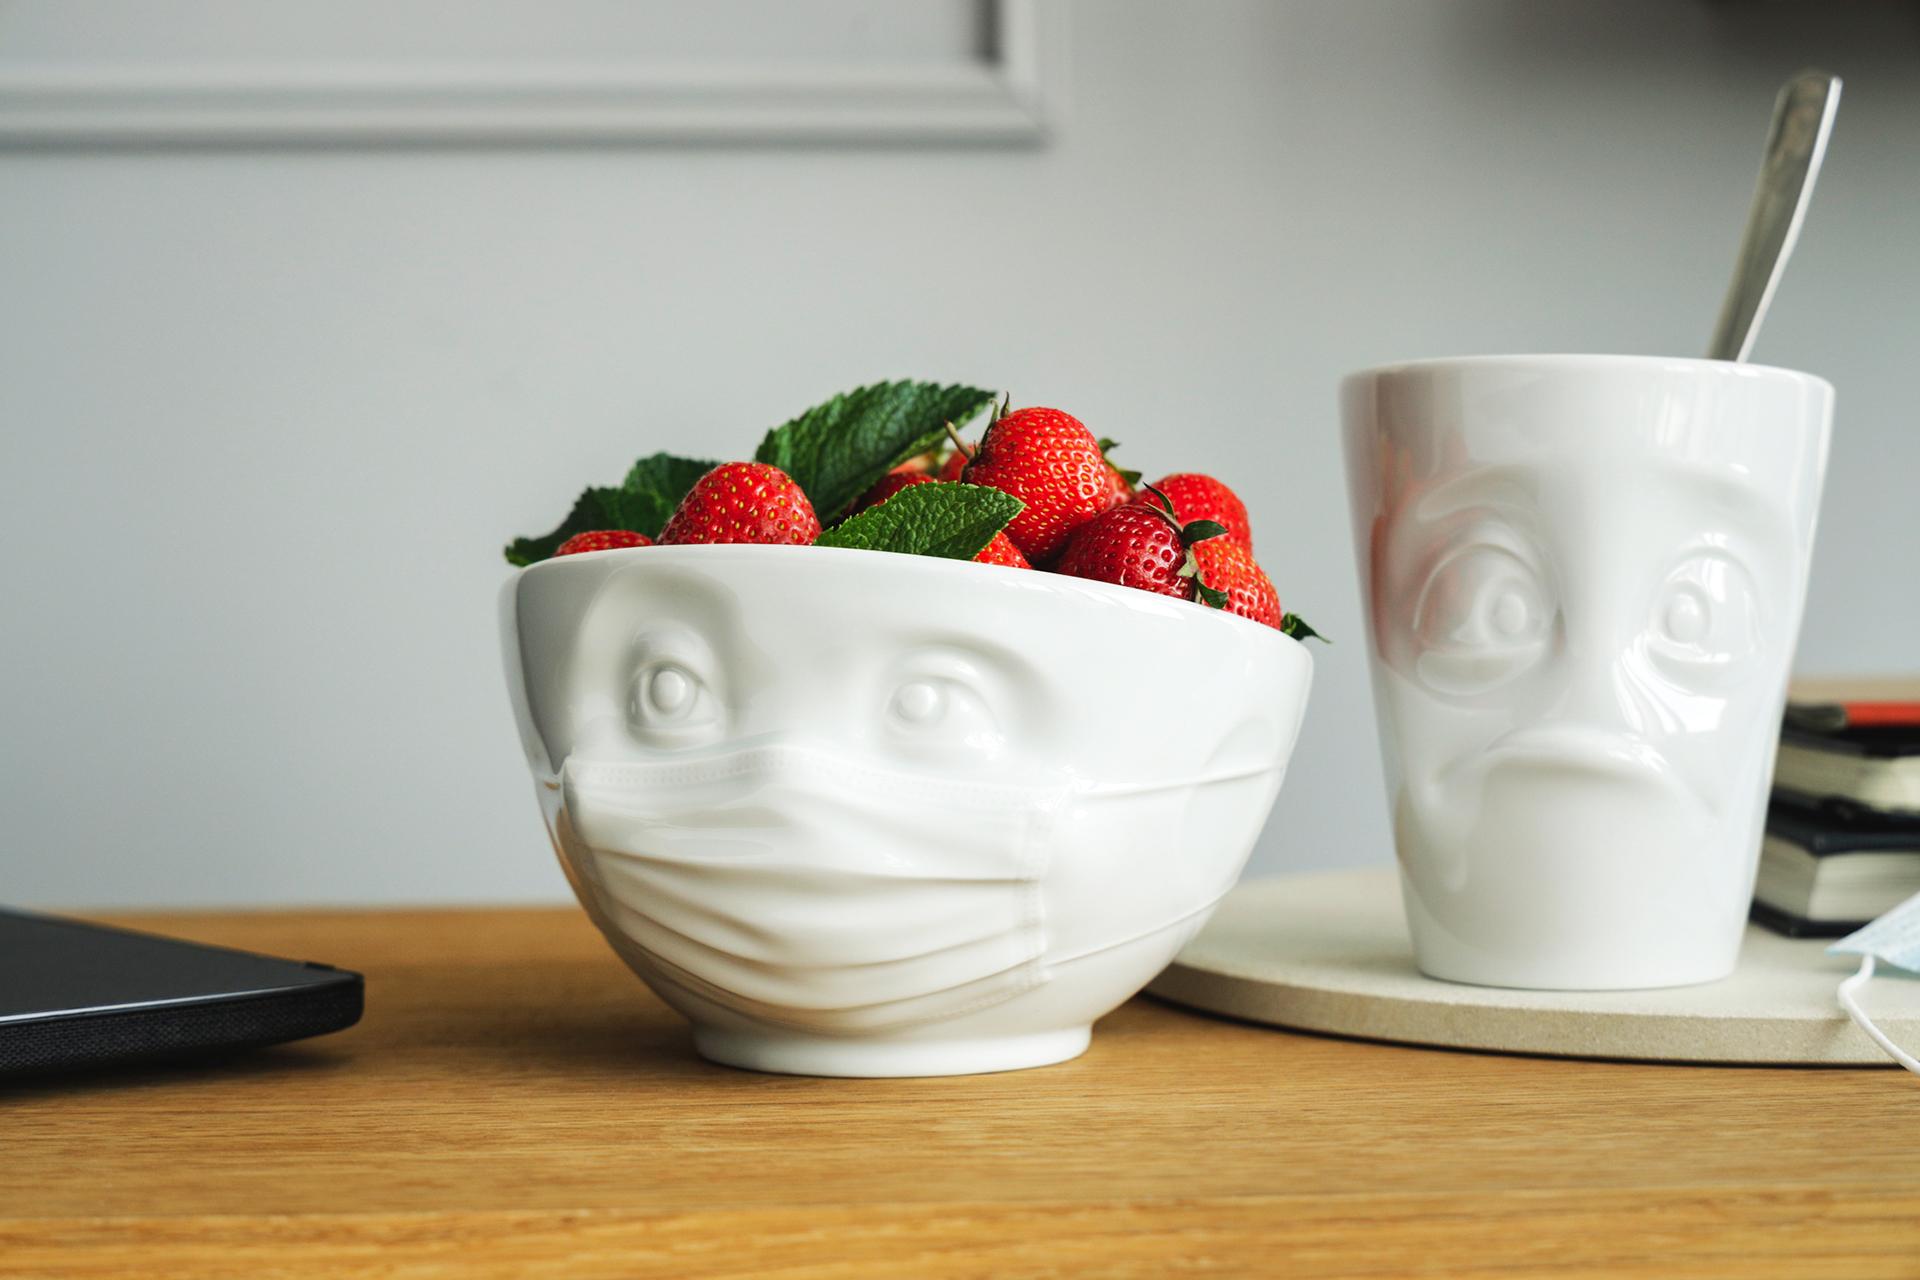 Da schaut der Becher »Verdutzt« ganz schön verdutzt aus dem Porzellan: Er hat keine Maske bekommen